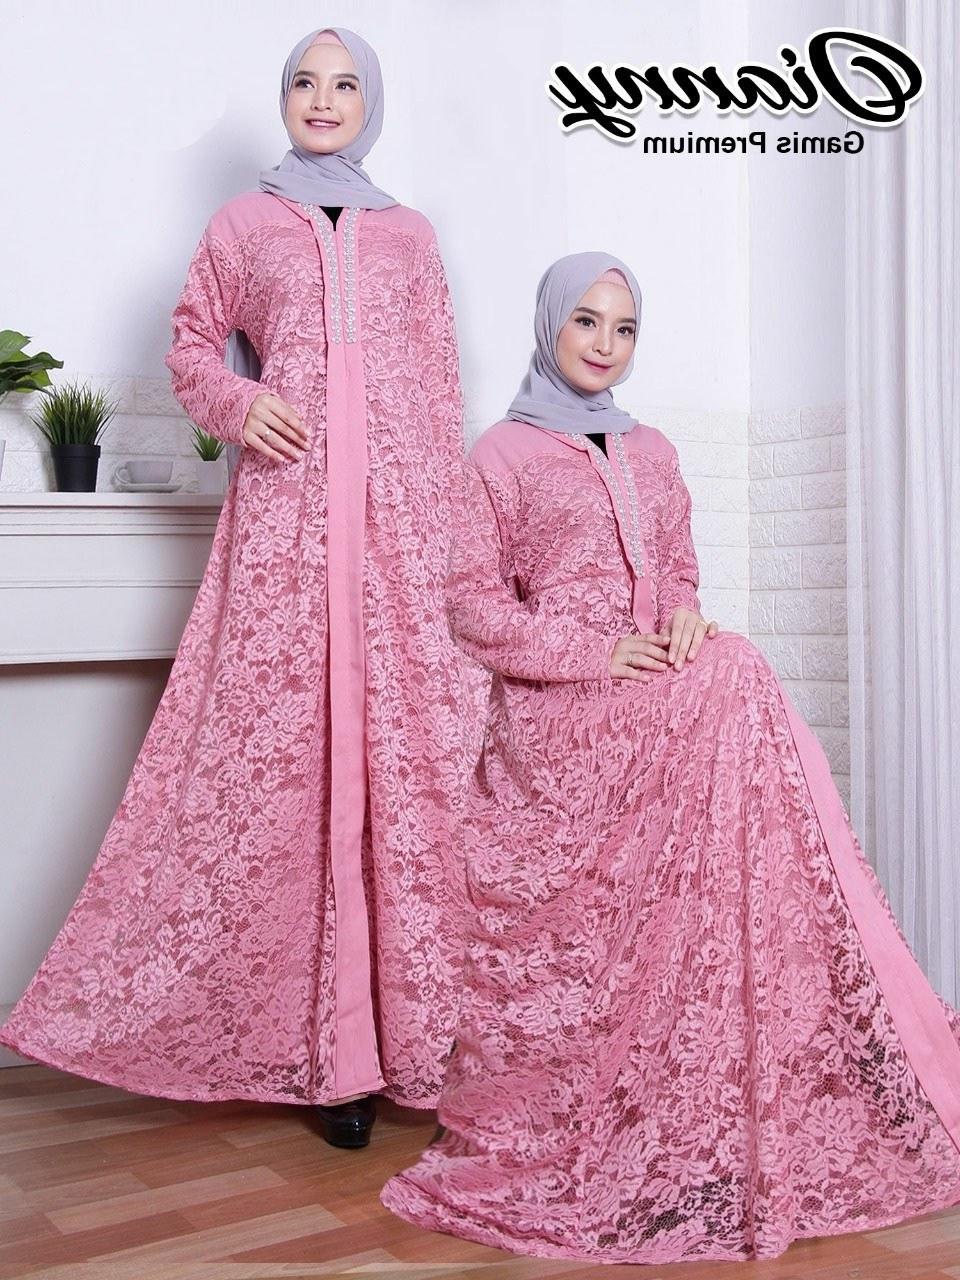 Ide Rekomendasi Baju Lebaran 2020 Kvdd Baju Gamis Brokat Lebaran 2020 Dianny Pink